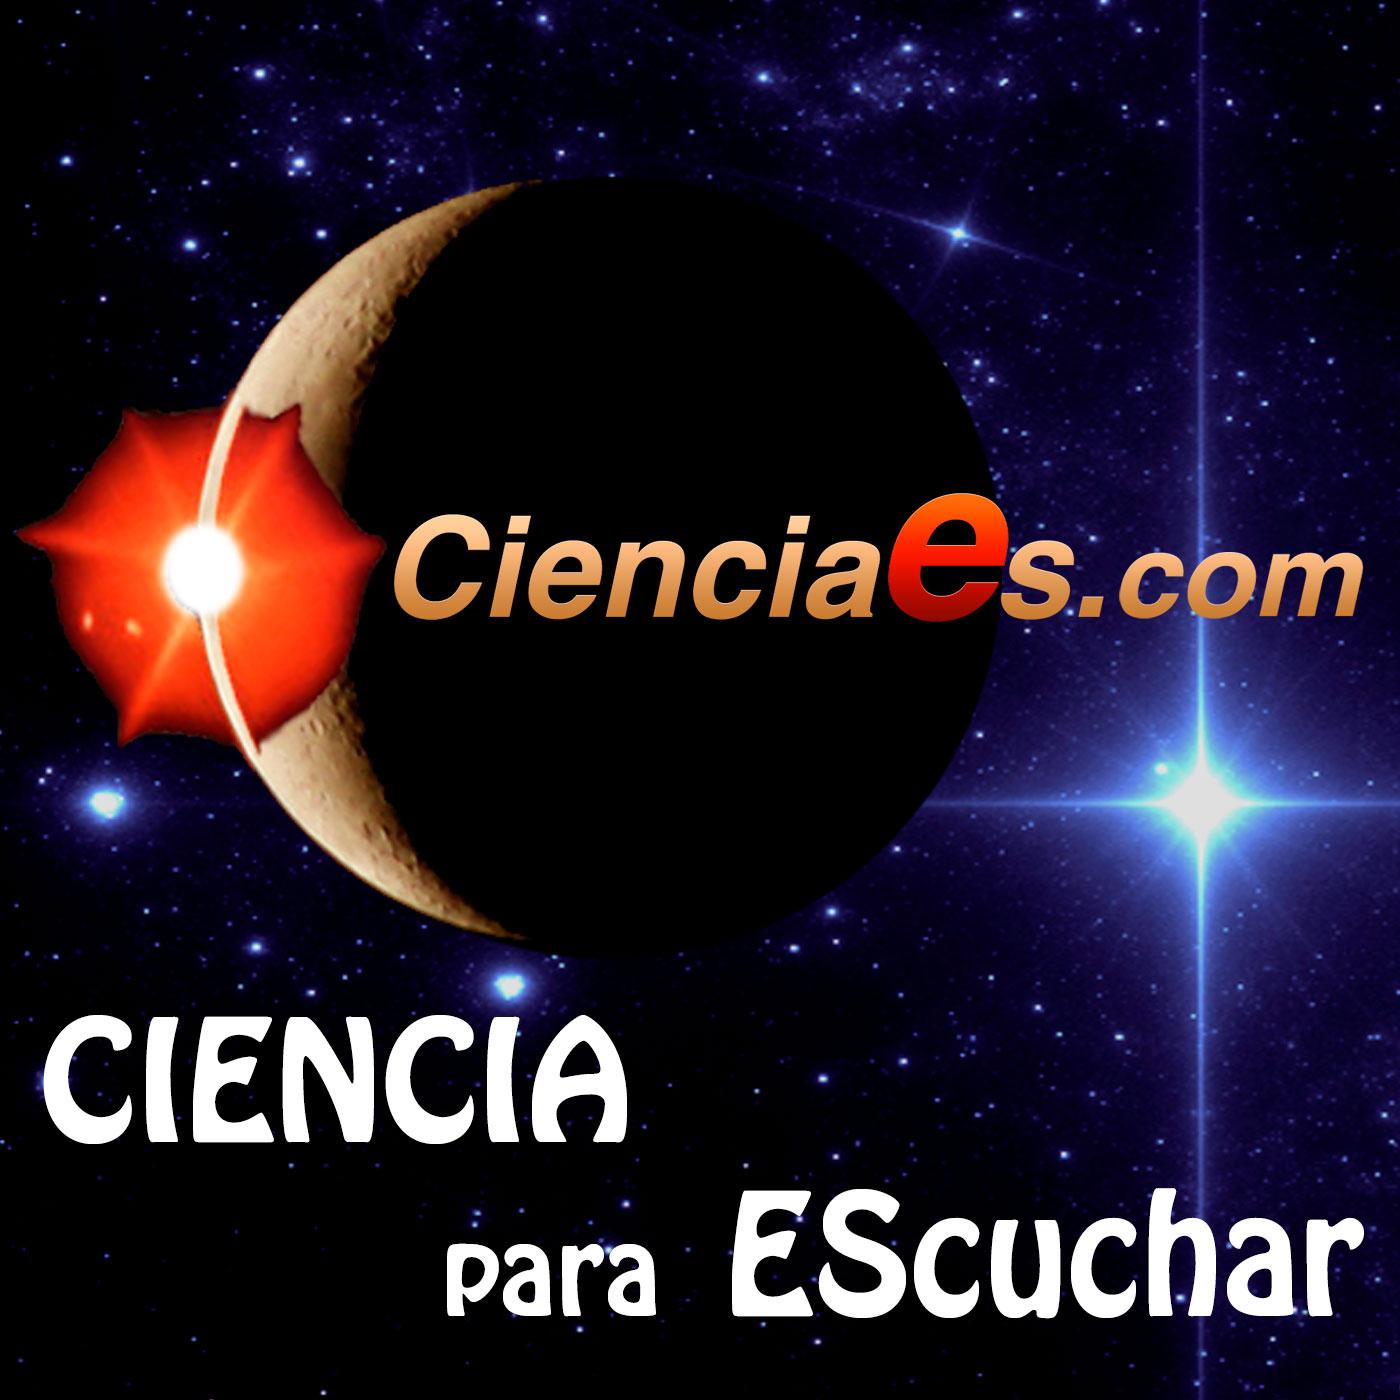 Cienciaes.com logo